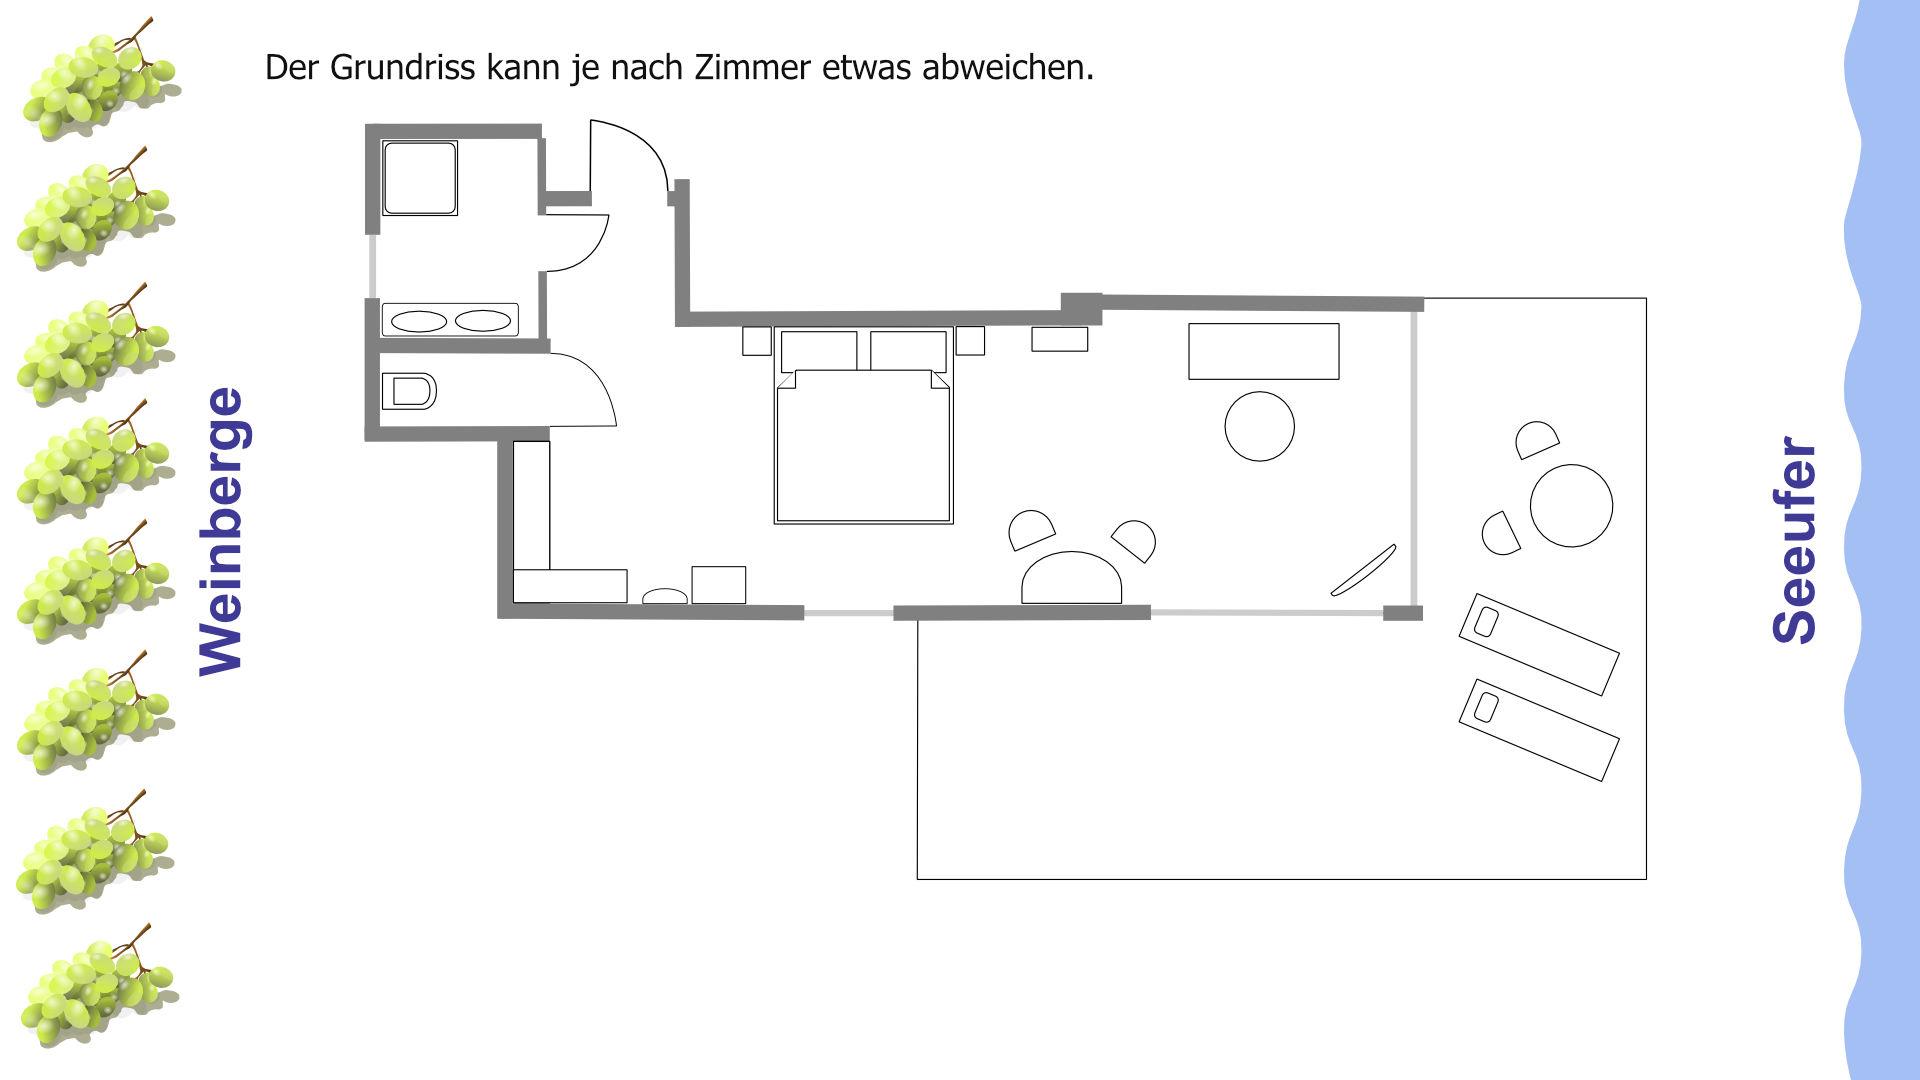 Grundriss der Feng Shui Suite mit Wohnbereich, Balkon und Seesicht